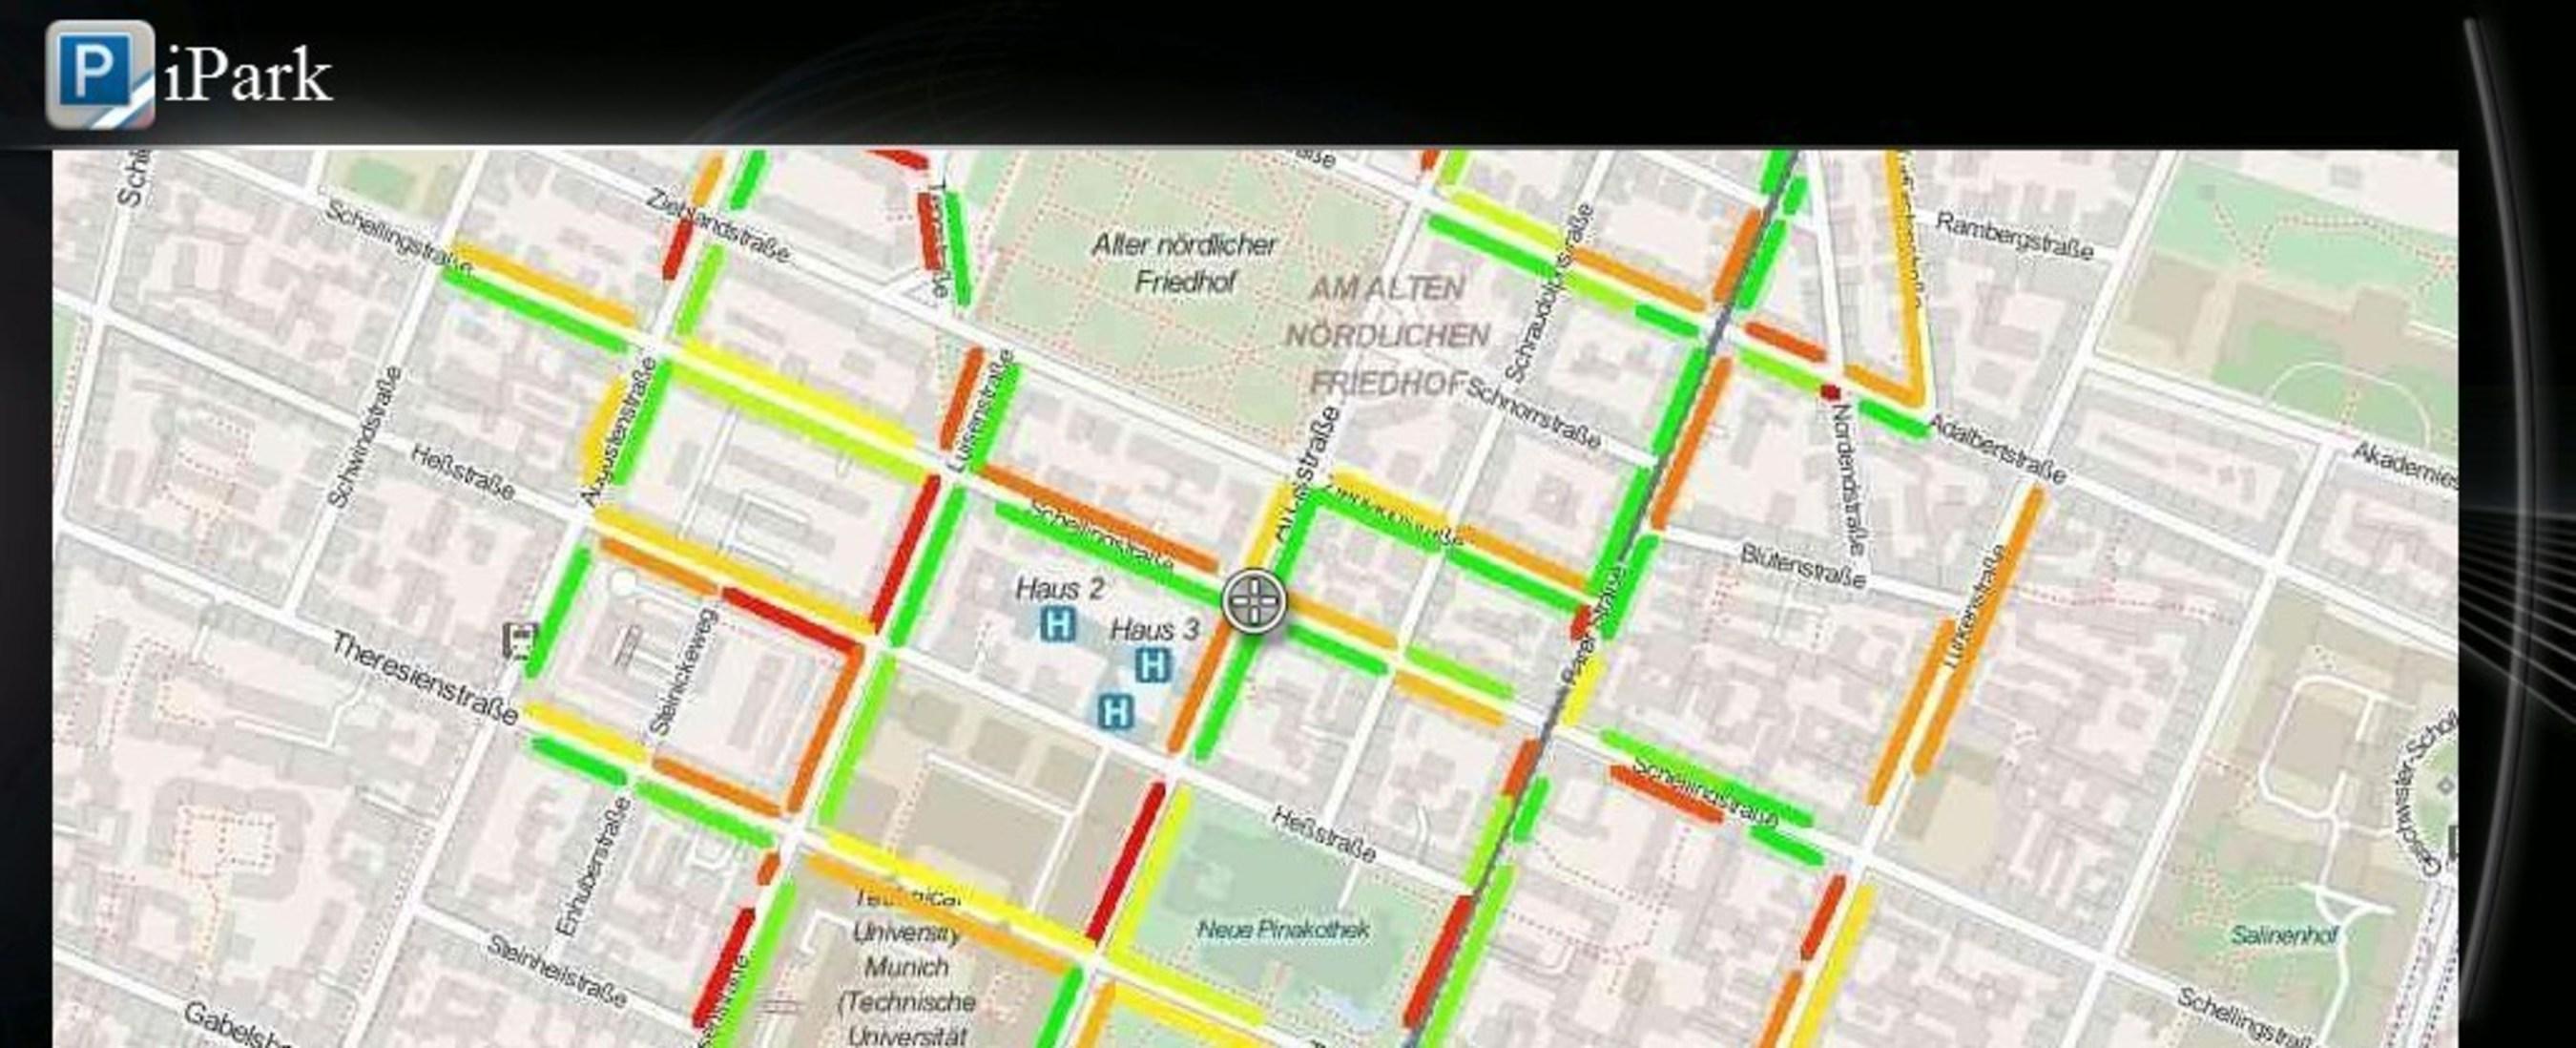 Bilister kan finde parkeringspladser hurtigere med ny INRIX On-Street Parking